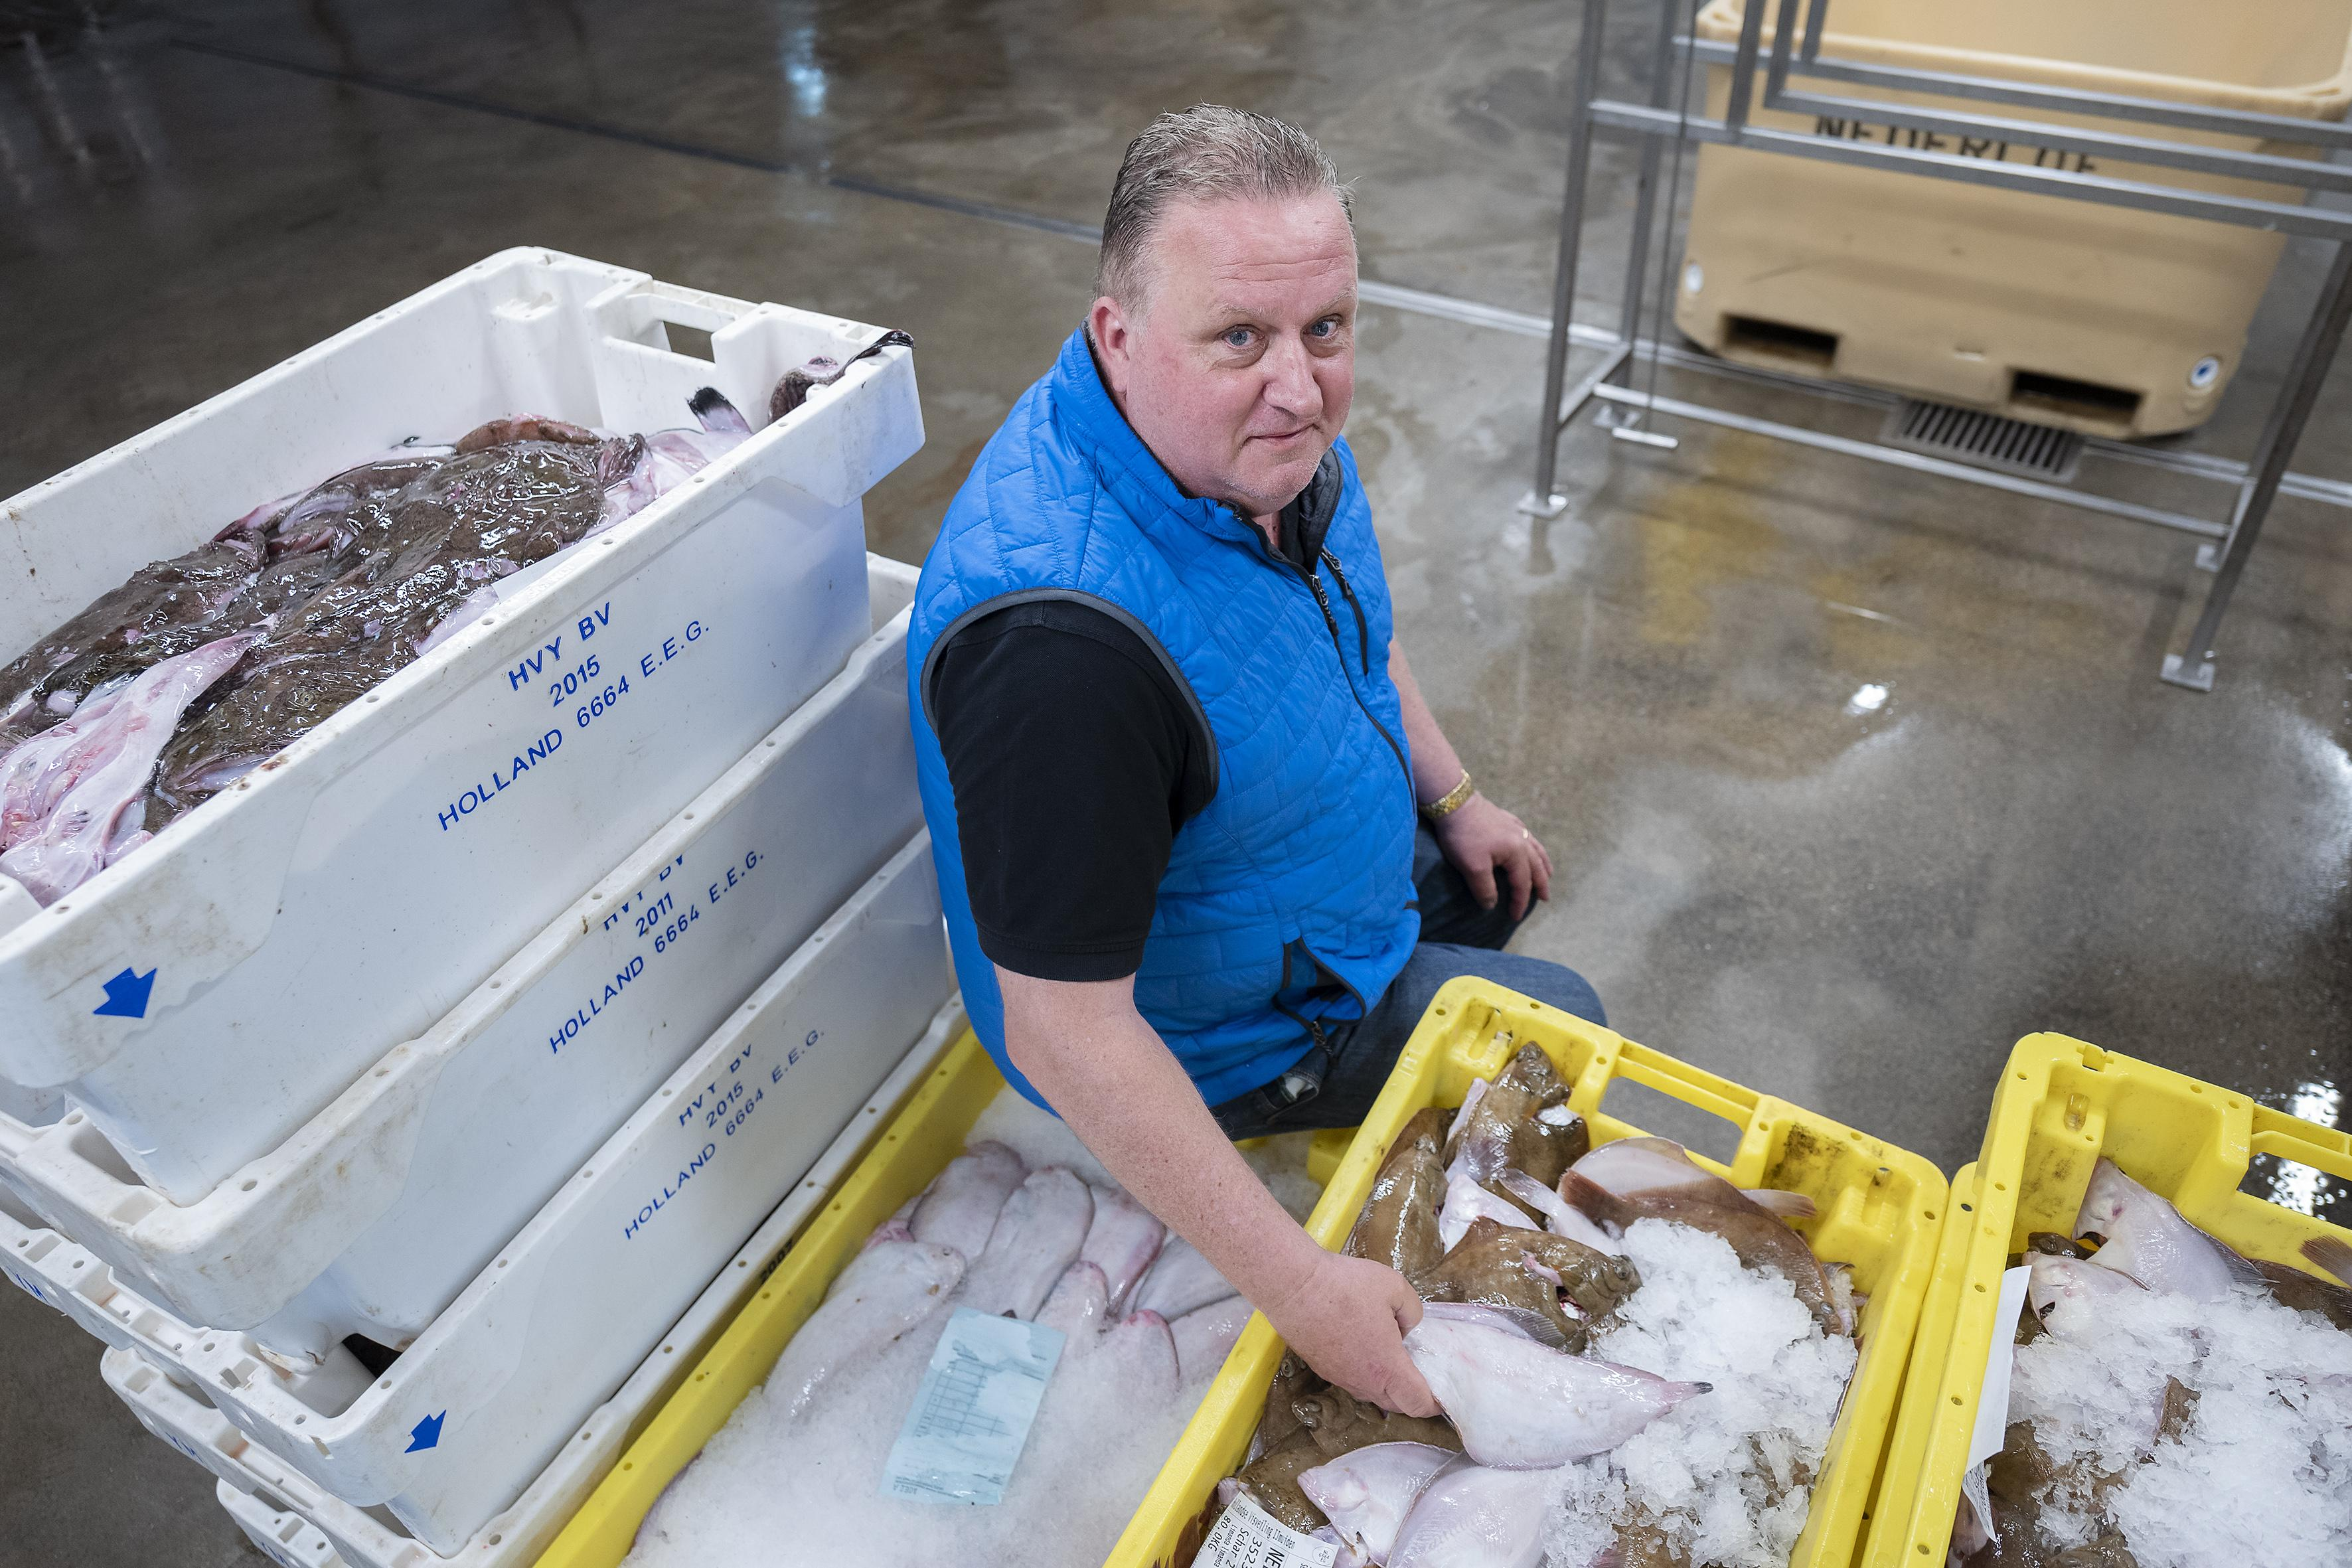 Maarten Buitendijk van Nederlof's Vishandel blijft Italië en IJmuiden trouw. 'Ik ben de nieuwe strategisch partner van Telstar'. Naast het sponsorschap van dertien (!) andere clubs